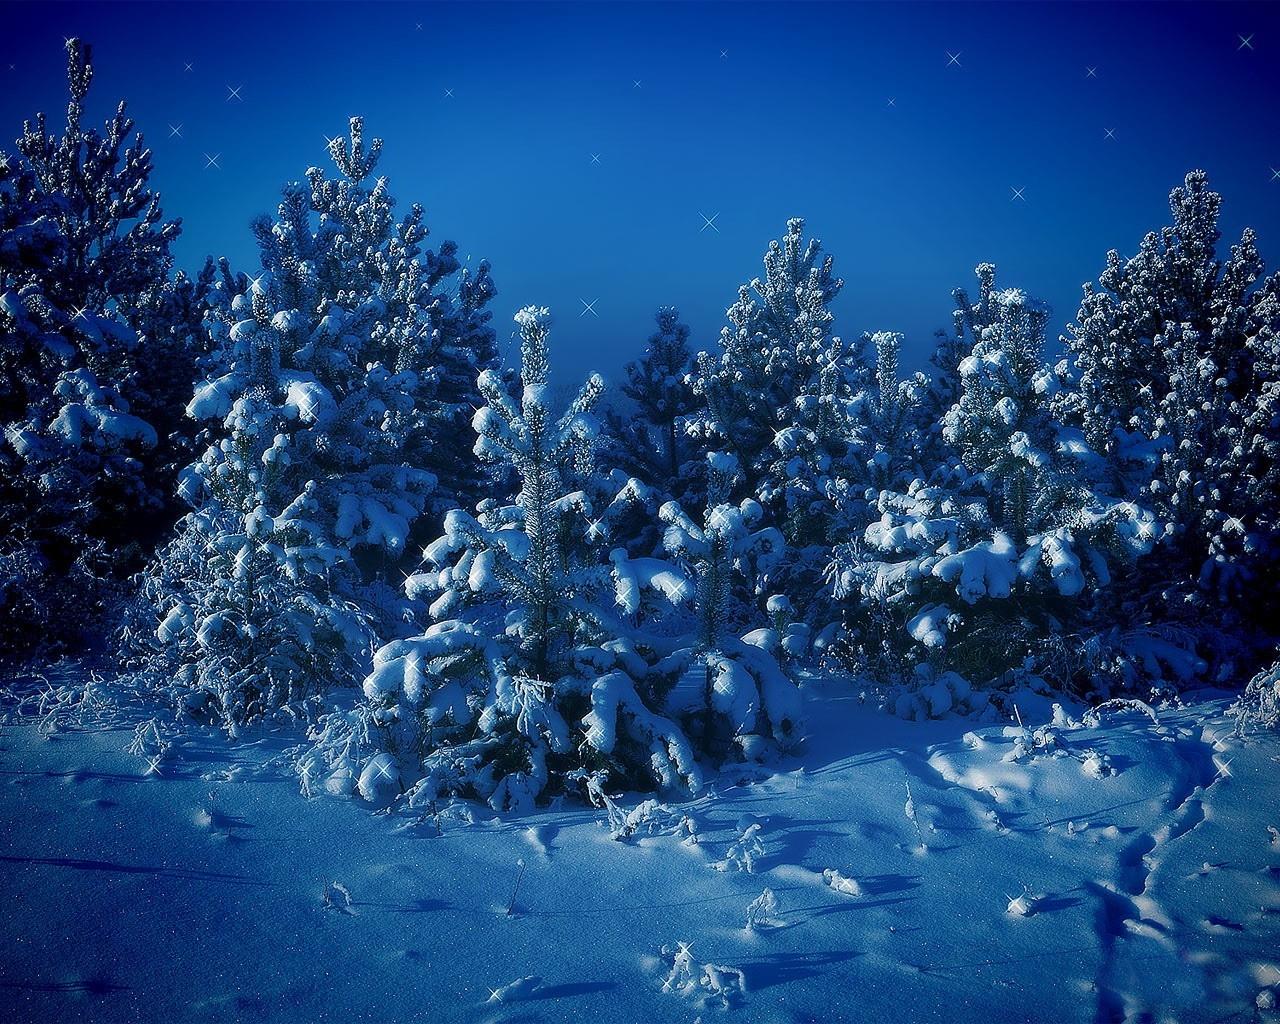 изображением фото сказочный лес под новый год всего, это